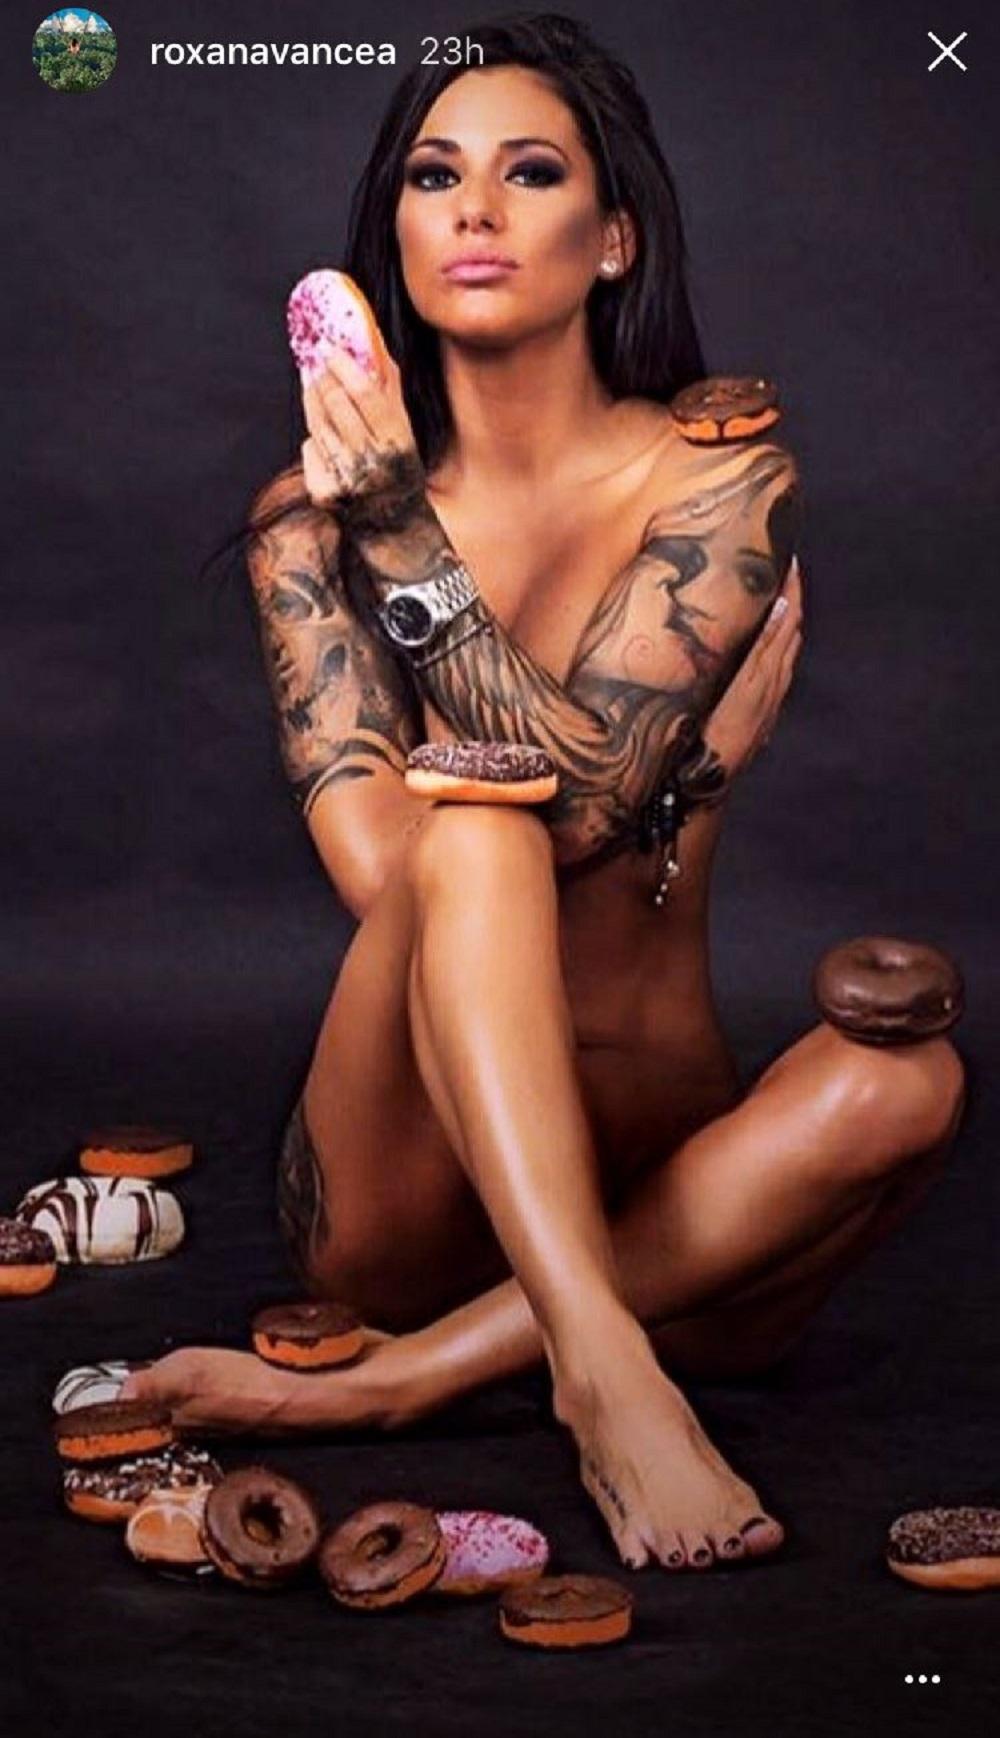 Vancea nackt roxana Yoga roxana